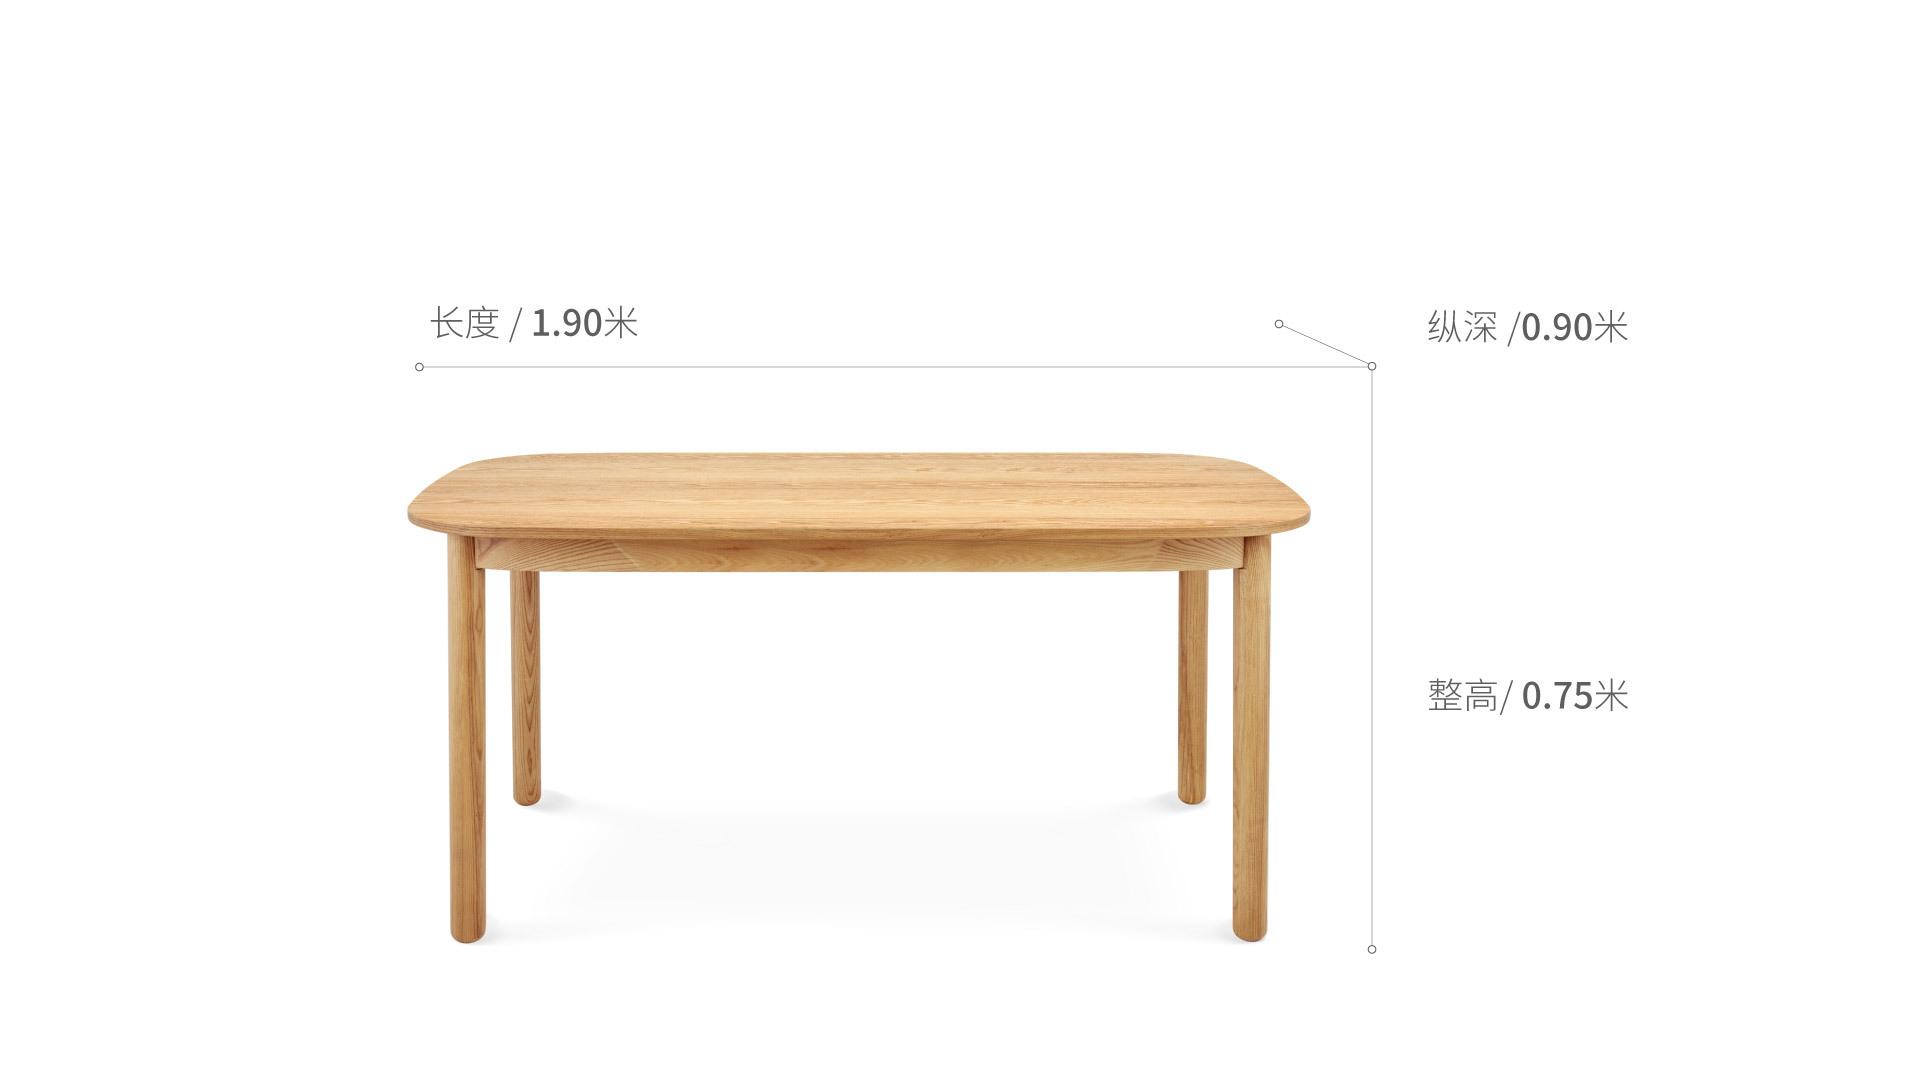 瓦雀长桌® 1.2/1.6/1.9米1.9米桌几效果图